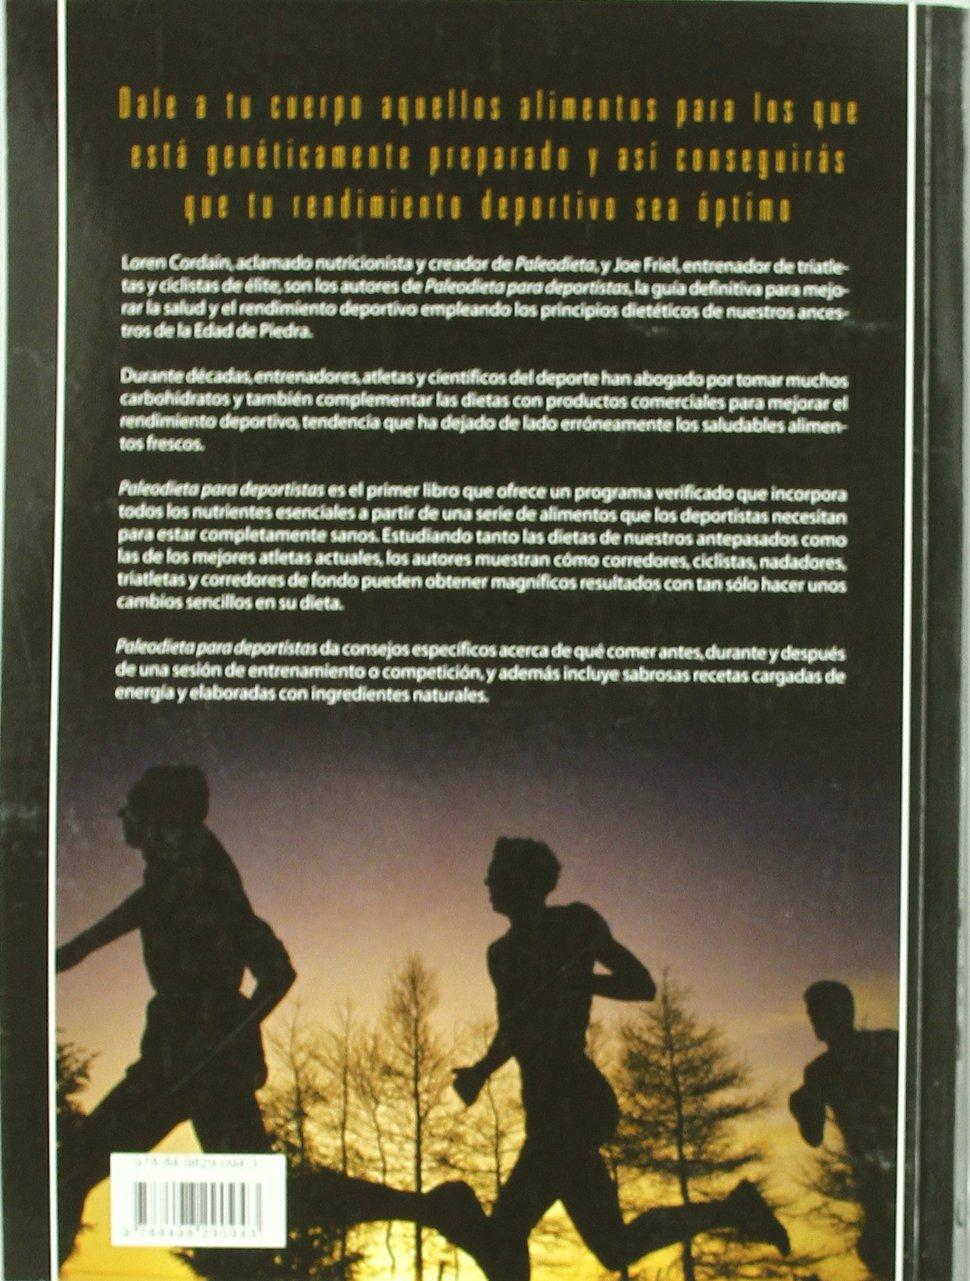 libro paleodieta para deportistas pdf